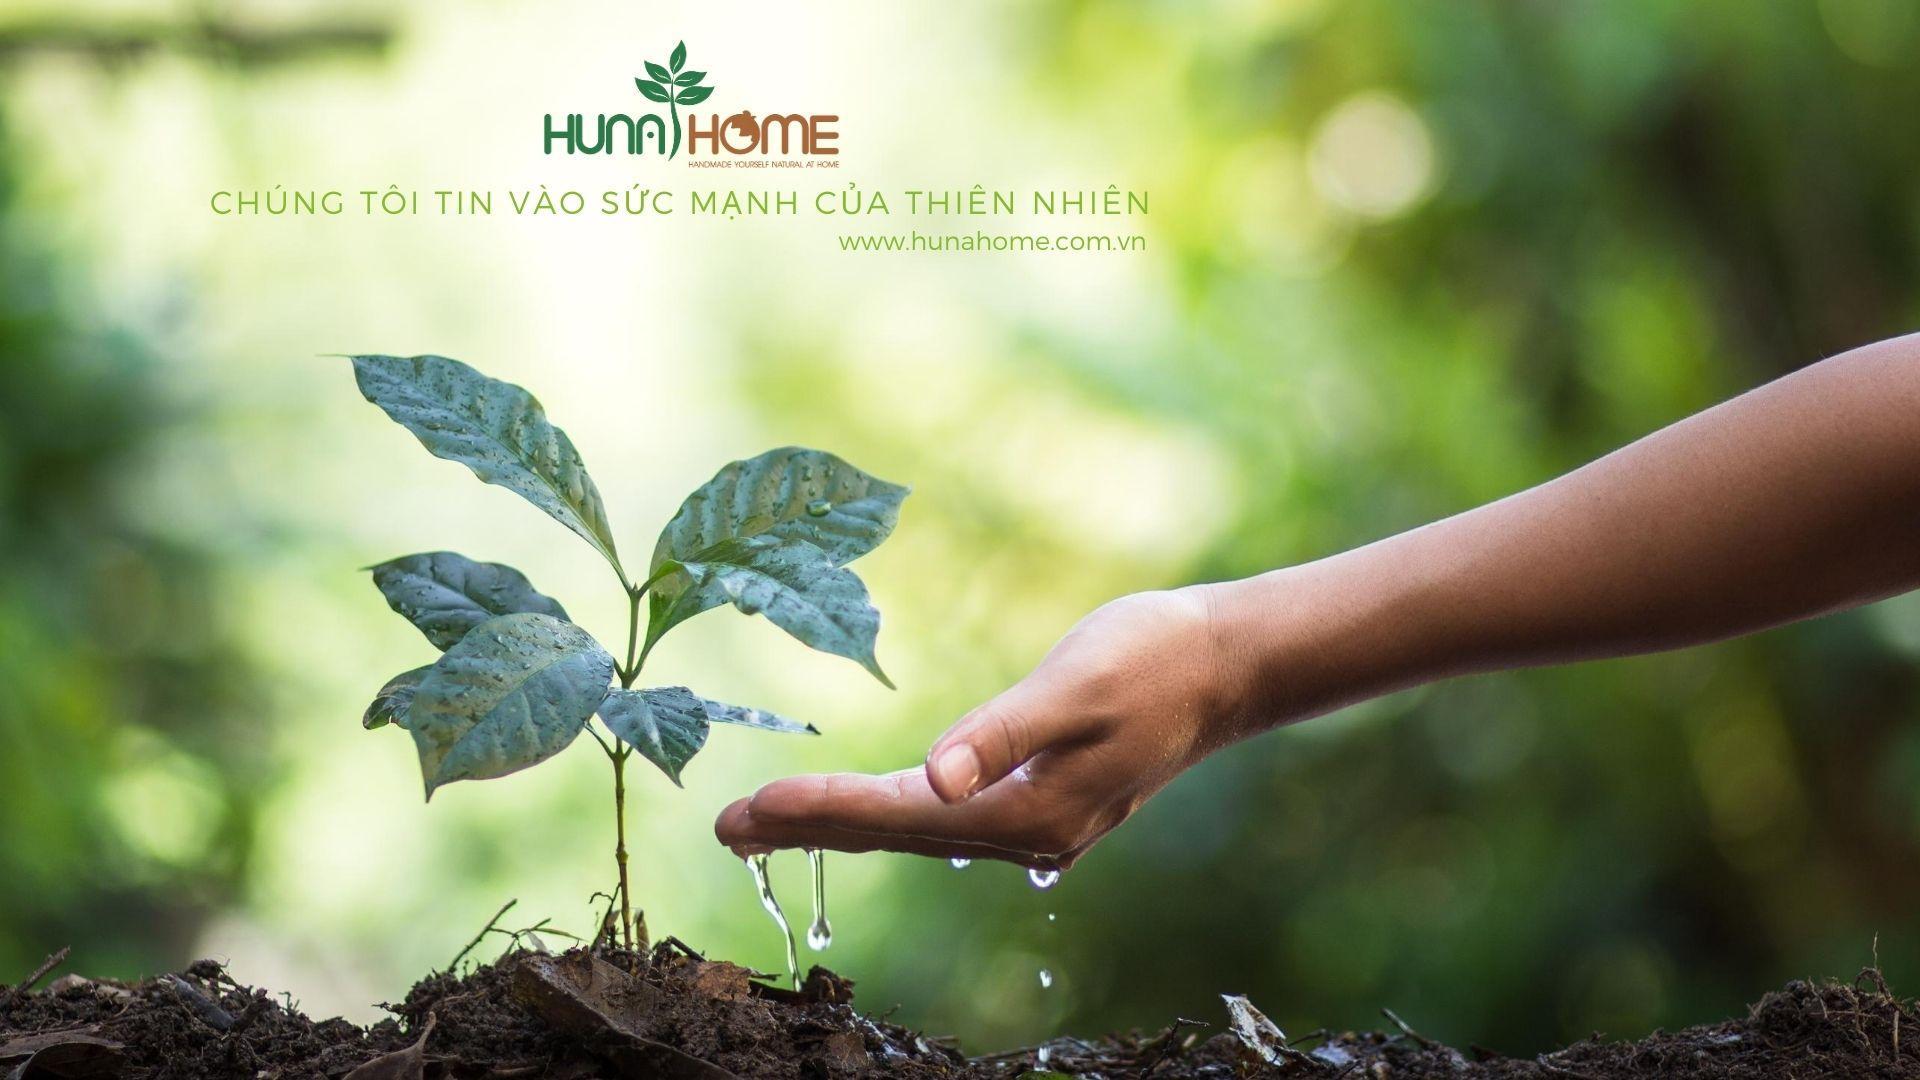 Hunahome - Chúng tôi tin vào sức mạnh thiên nhiên